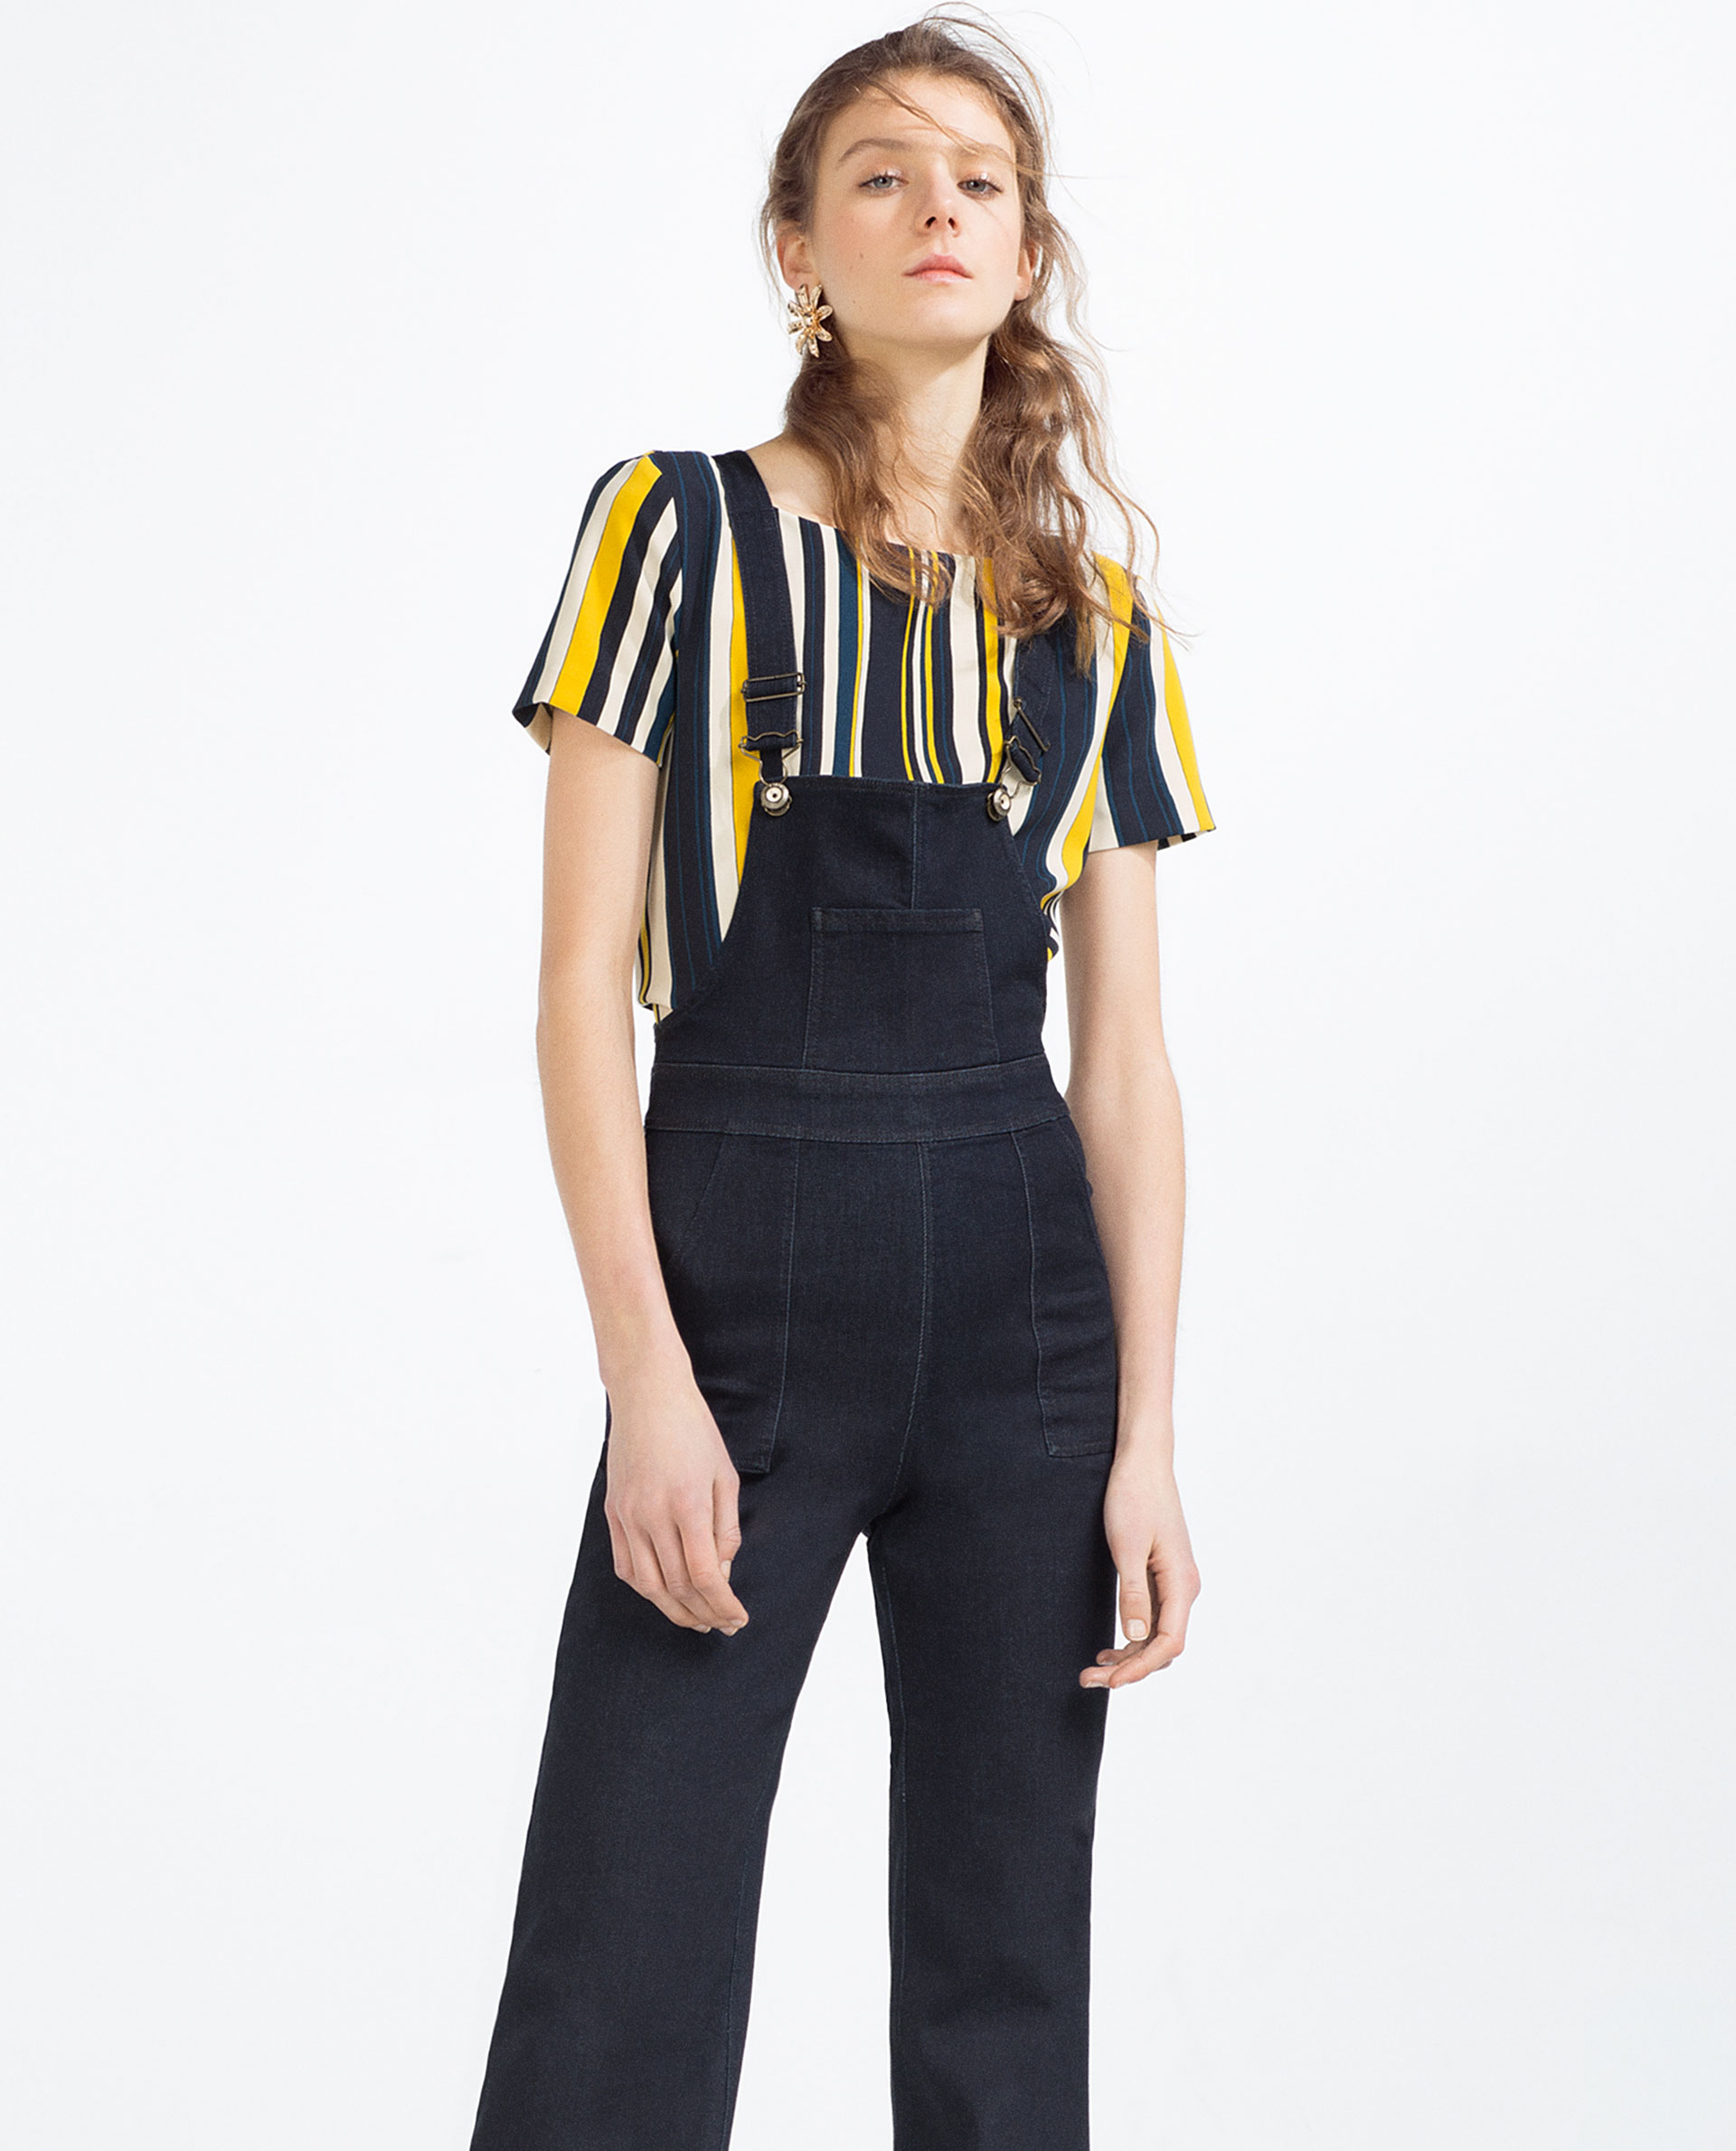 6 Zara catalogo PE 2016 anticipazioni